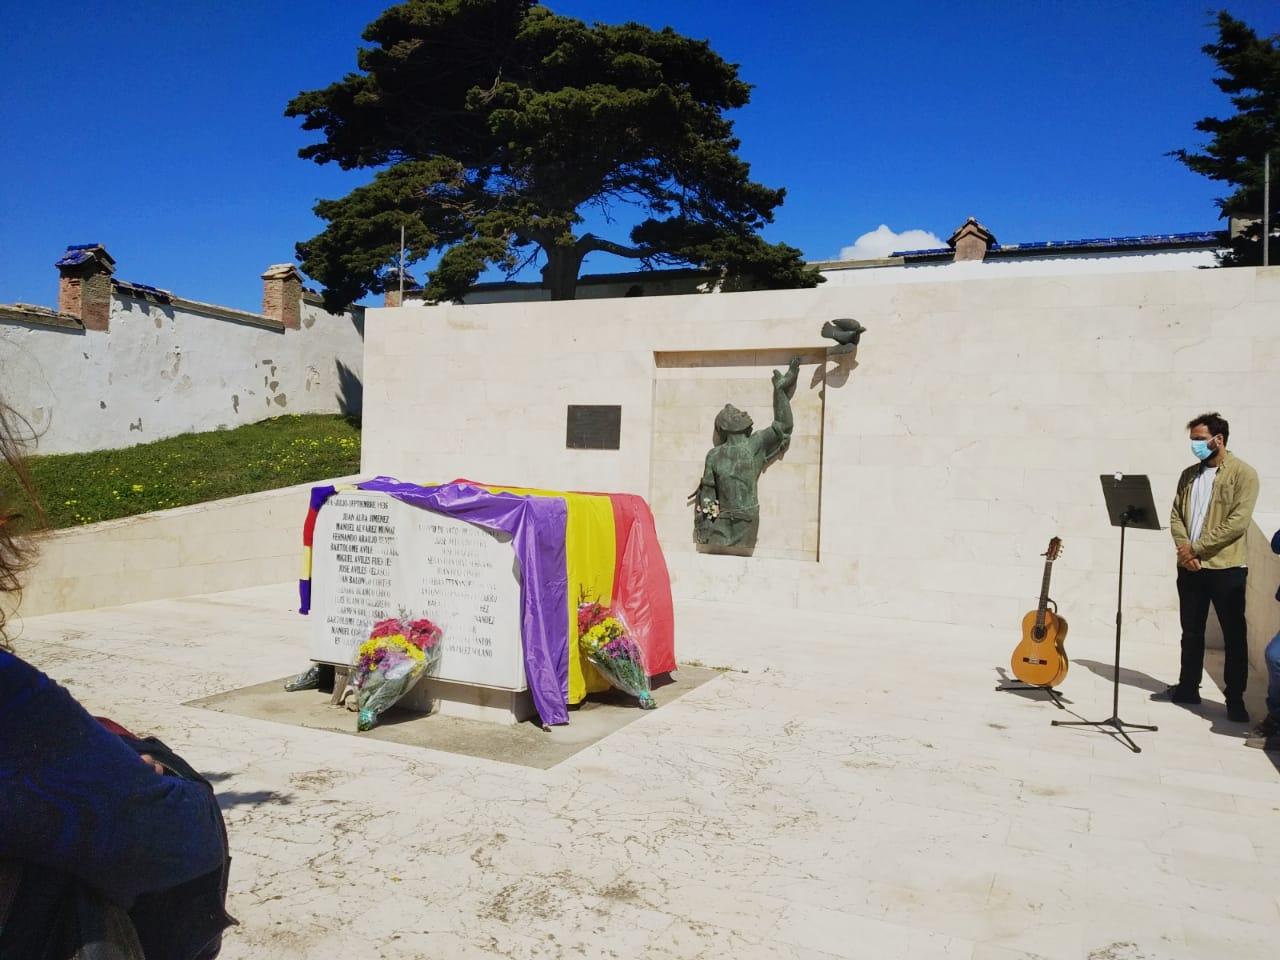 Un momento del acto celebrado en el cementerio de Tarifa.